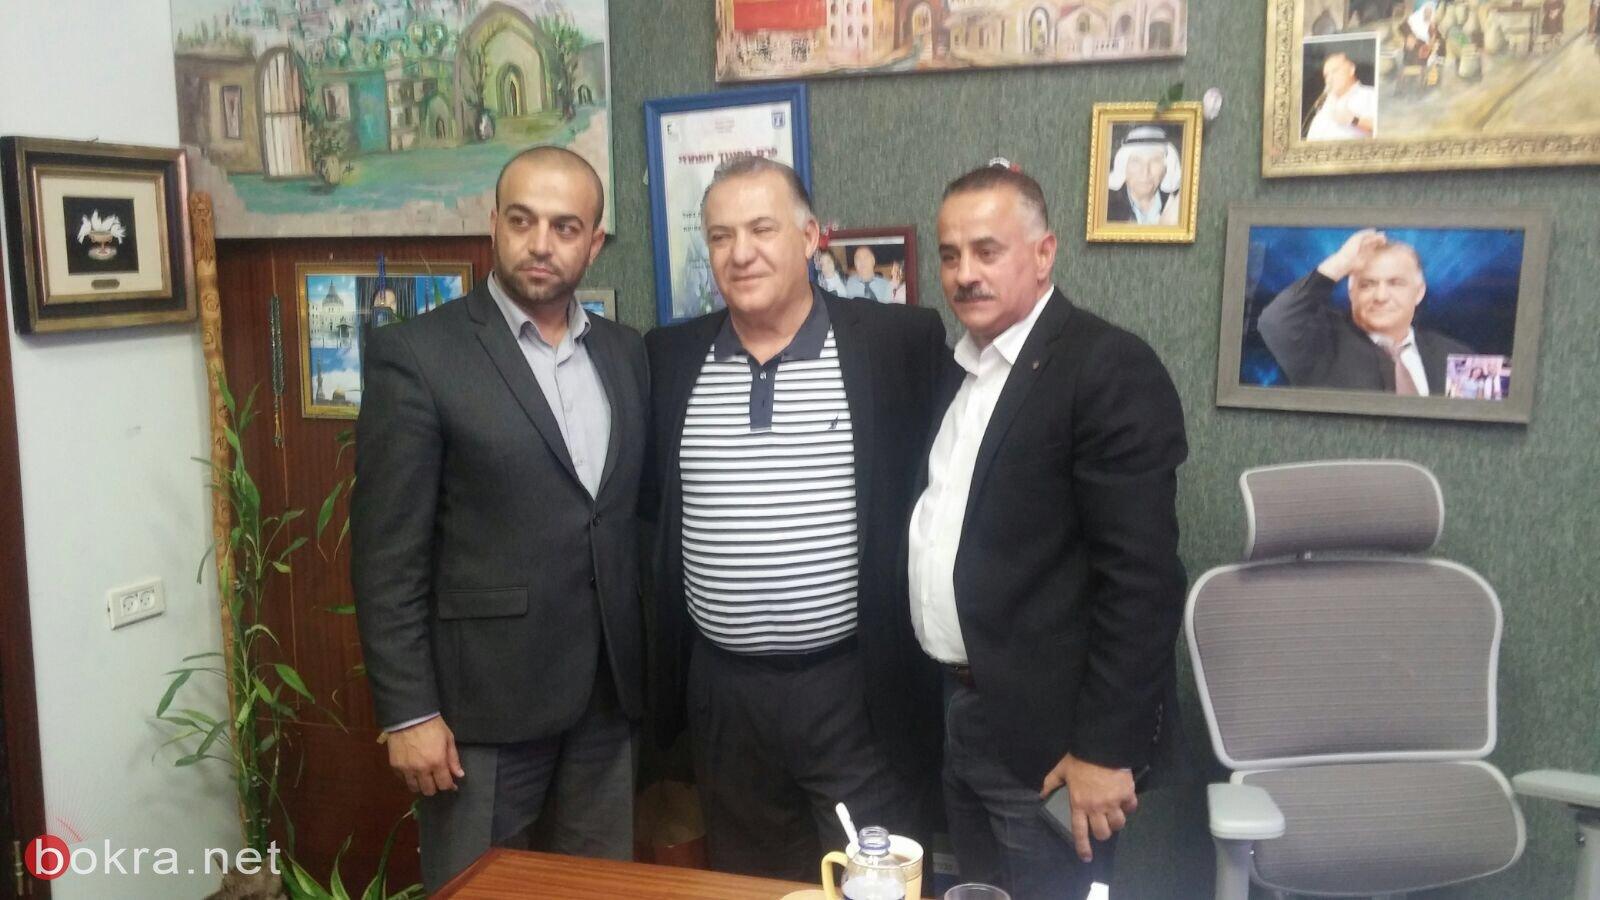 وفد فلسطيني رفيع المستوى يزور بلدية الناصرة